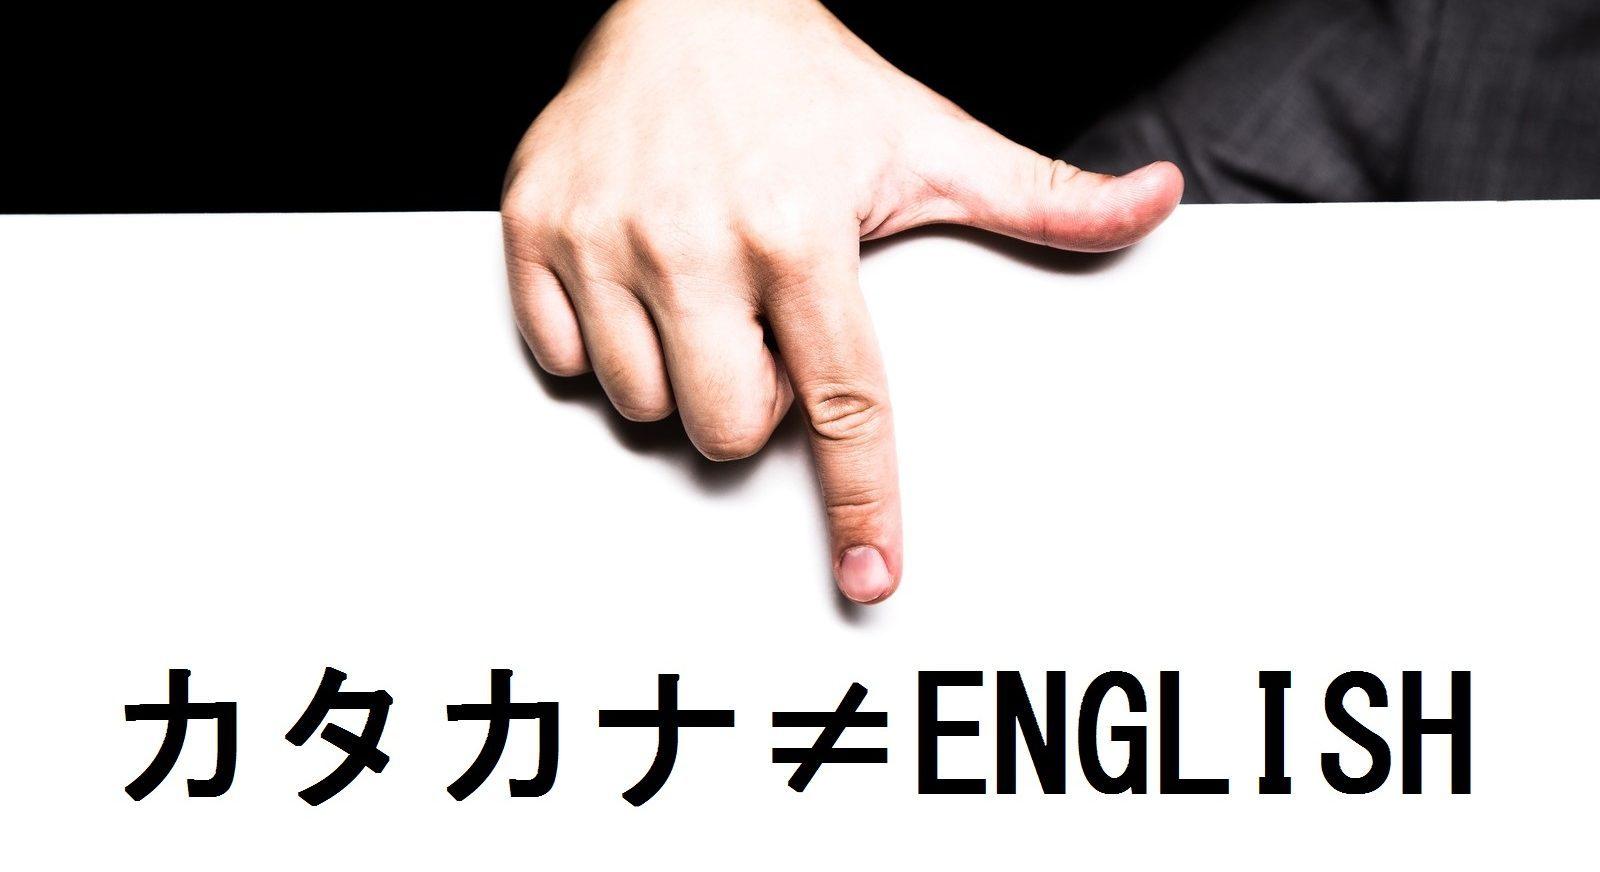 海外では全く通じない??知らないと恥かく和製英語20選